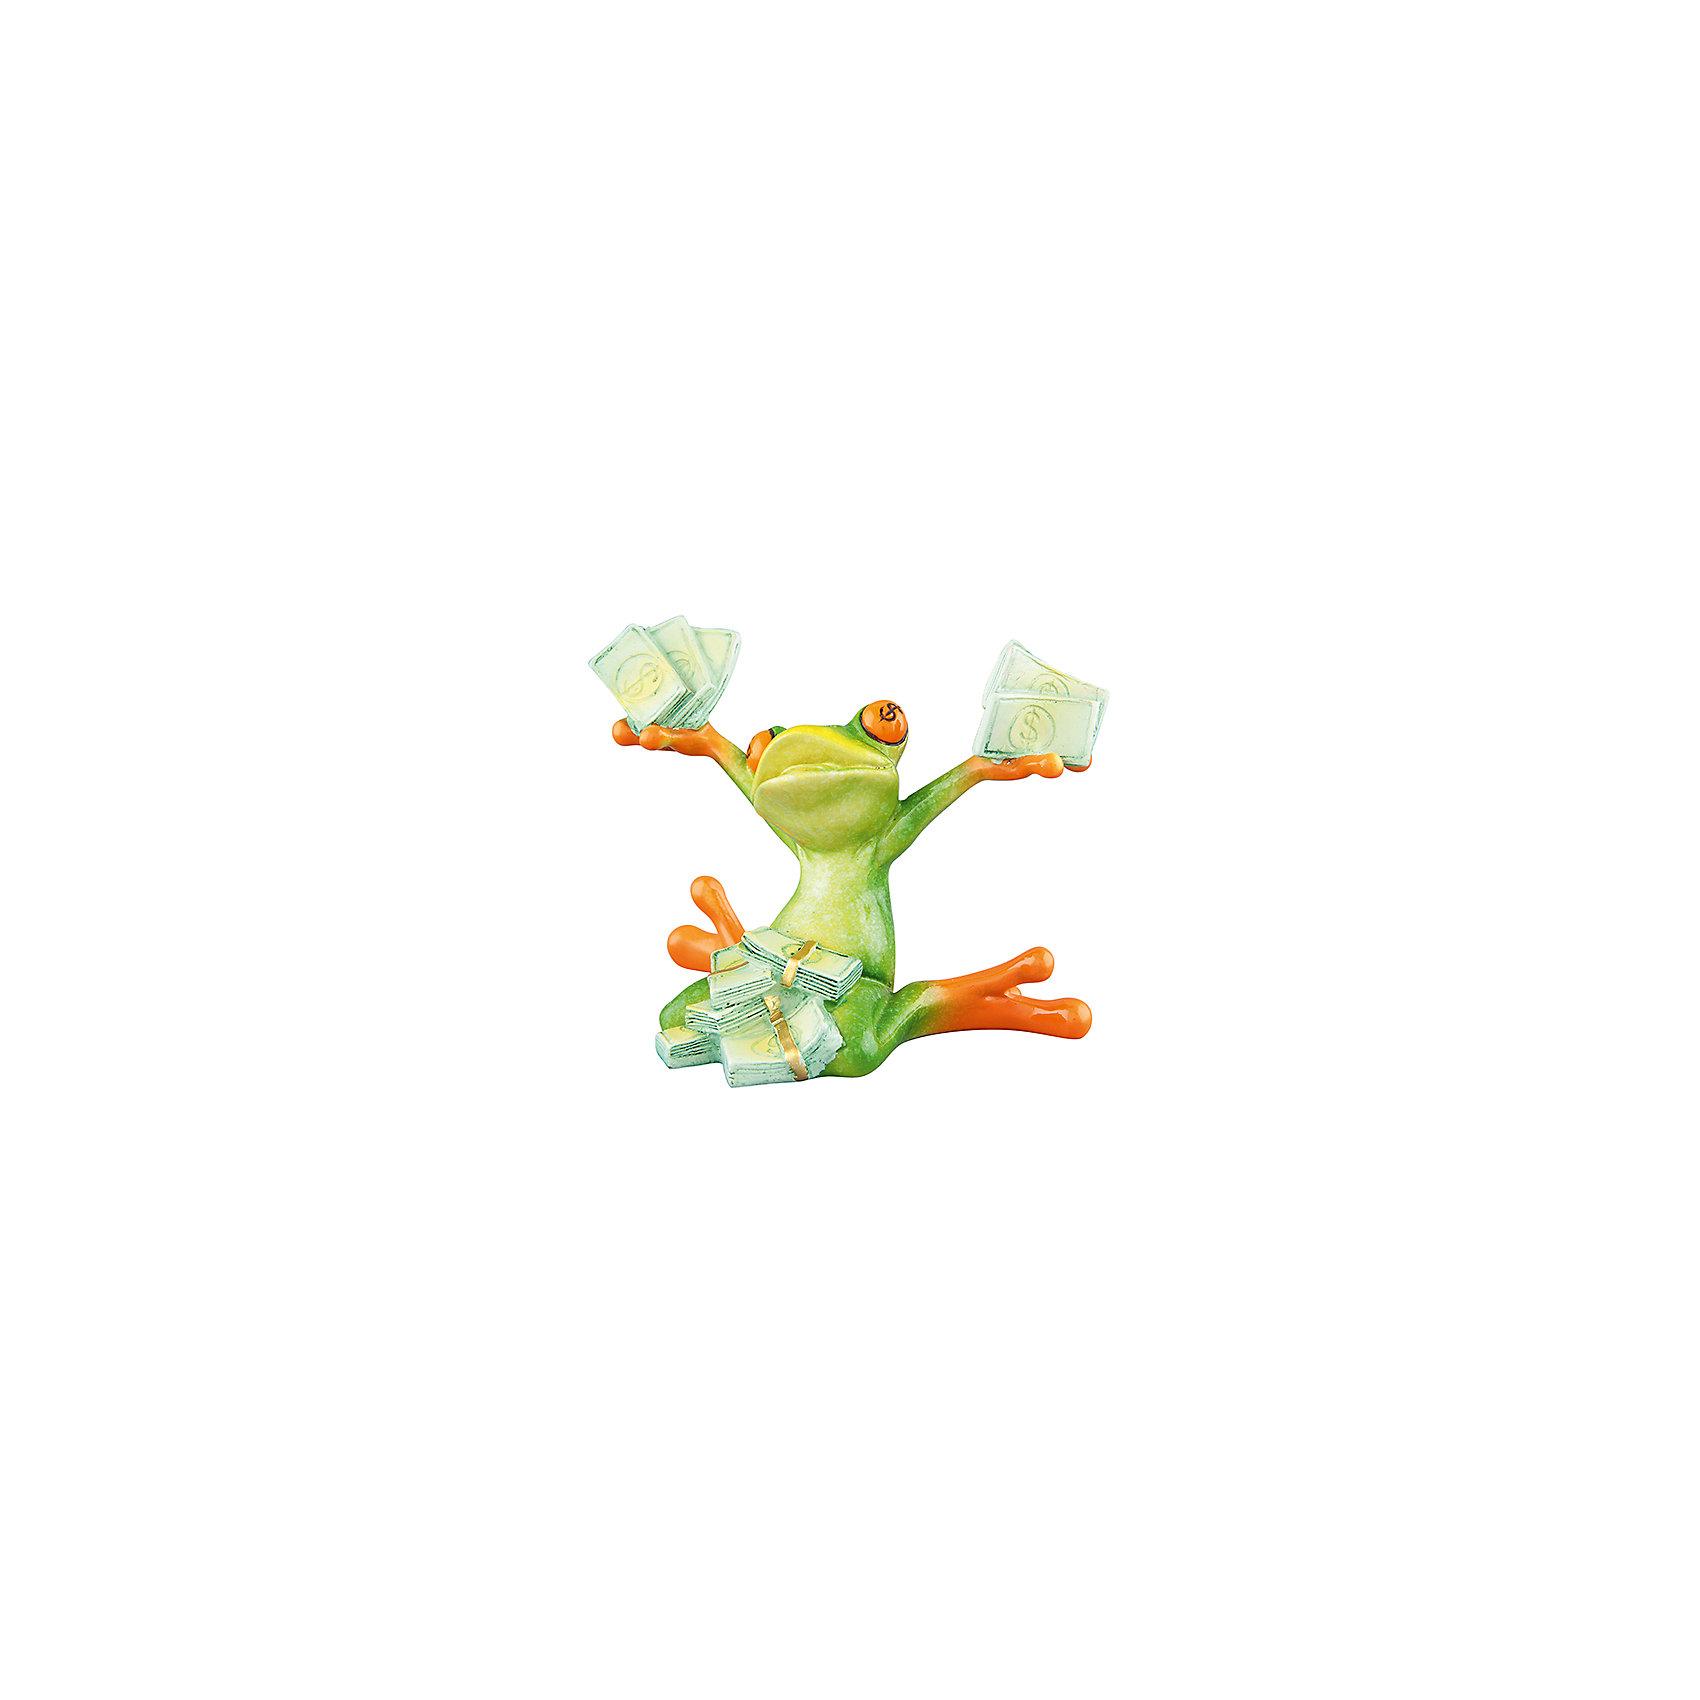 Фигурка декоративная Денежная лягушка к прибыли, Elan GalleryПредметы интерьера<br>Характеристики товара:<br><br>• цвет: мульти<br>• материал: полистоун<br>• высота: 10 см<br>• вес: 250 г<br>• подходит к любому интерьеру<br>• отлично проработаны детали<br>• универсальный размер<br>• страна бренда: Российская Федерация<br>• страна производства: Китай<br><br>Такая декоративная фигурка - отличный пример красивой вещи для любого интерьера. Благодаря универсальному дизайну и расцветке она хорошо будет смотреться в помещении.<br><br>Декоративная фигурка может стать отличным приобретением для дома или подарком для любителей симпатичных вещей, украшающих пространство.<br><br>Бренд Elan Gallery - это красивые и практичные товары для дома с современным дизайном. Они добавляют в жильё уюта и комфорта! <br><br>Фигурку декоративную Денежная лягушка к прибыли Elan Gallery можно купить в нашем интернет-магазине.<br><br>Ширина мм: 158<br>Глубина мм: 123<br>Высота мм: 129<br>Вес г: 244<br>Возраст от месяцев: 0<br>Возраст до месяцев: 1188<br>Пол: Унисекс<br>Возраст: Детский<br>SKU: 6669046